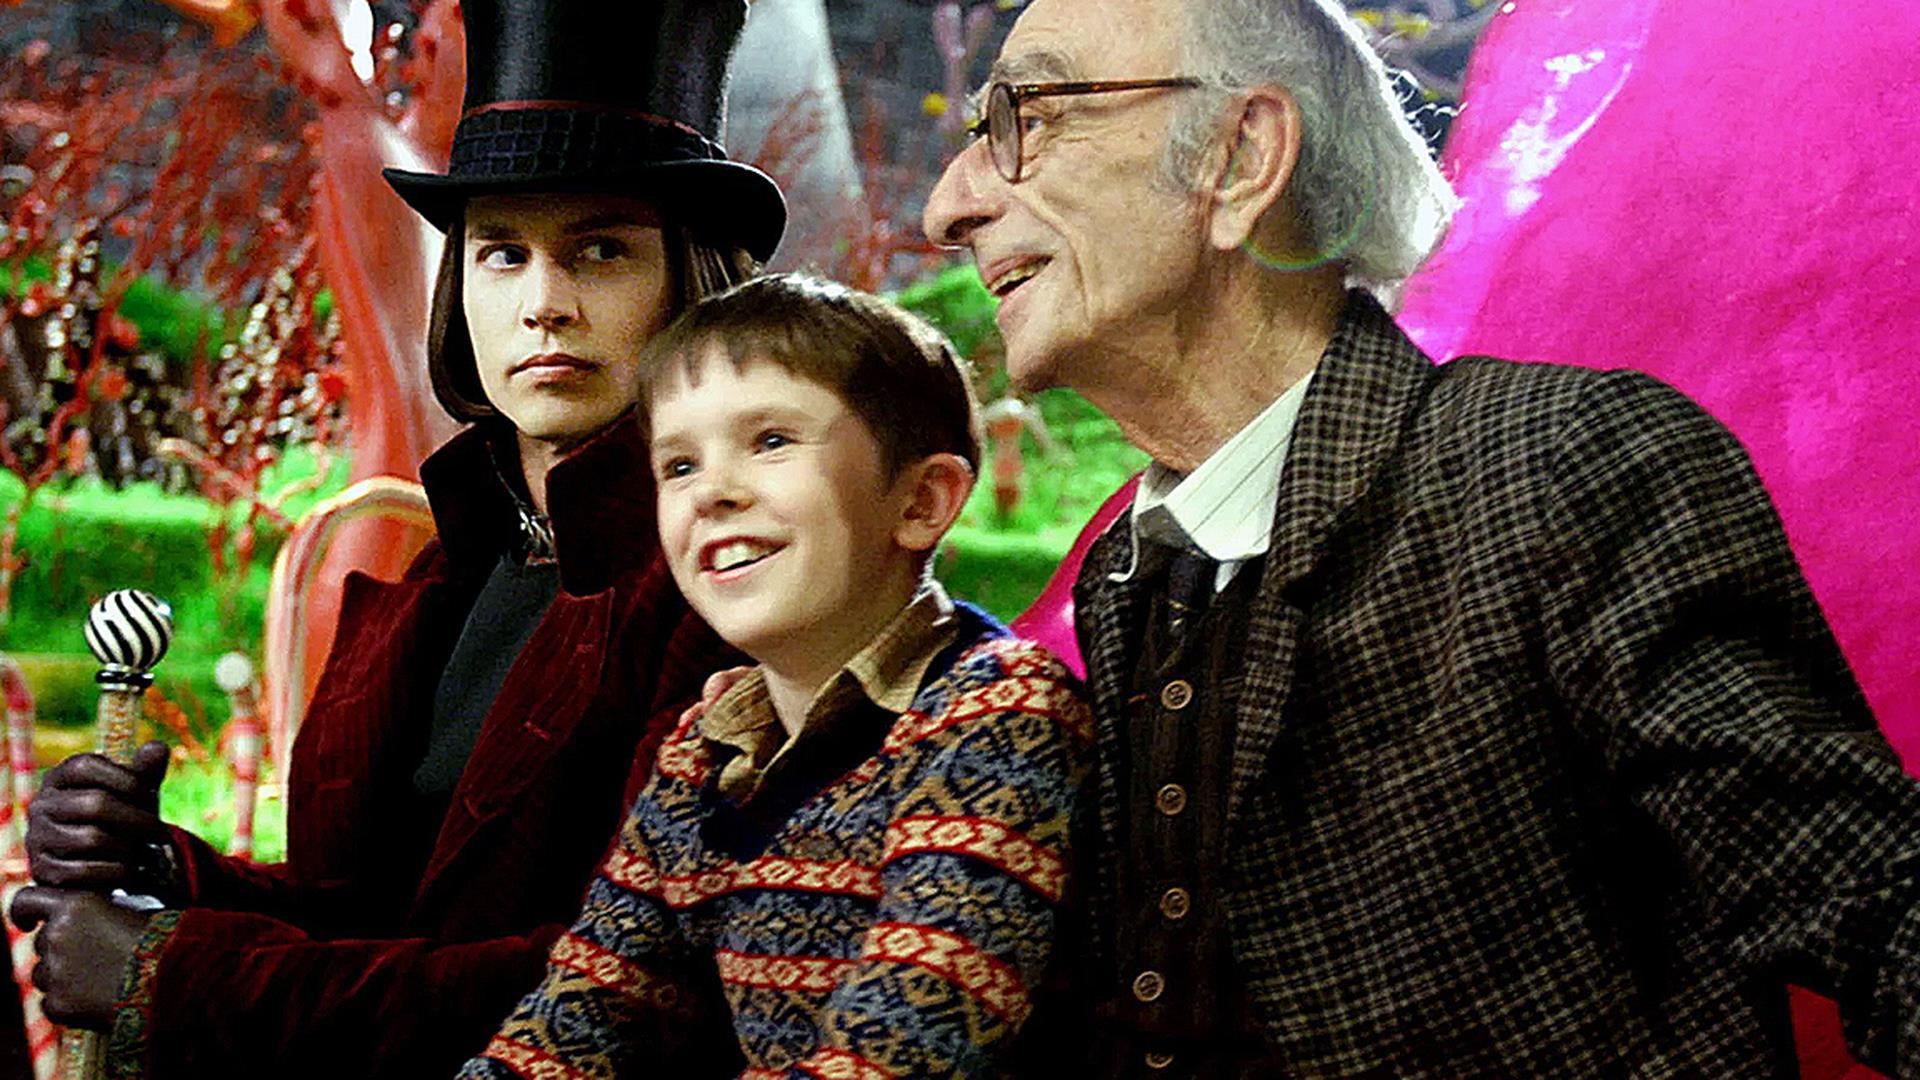 La Fabbrica Di Cioccolato Personaggi E Cast Del Film Con Johnny Depp